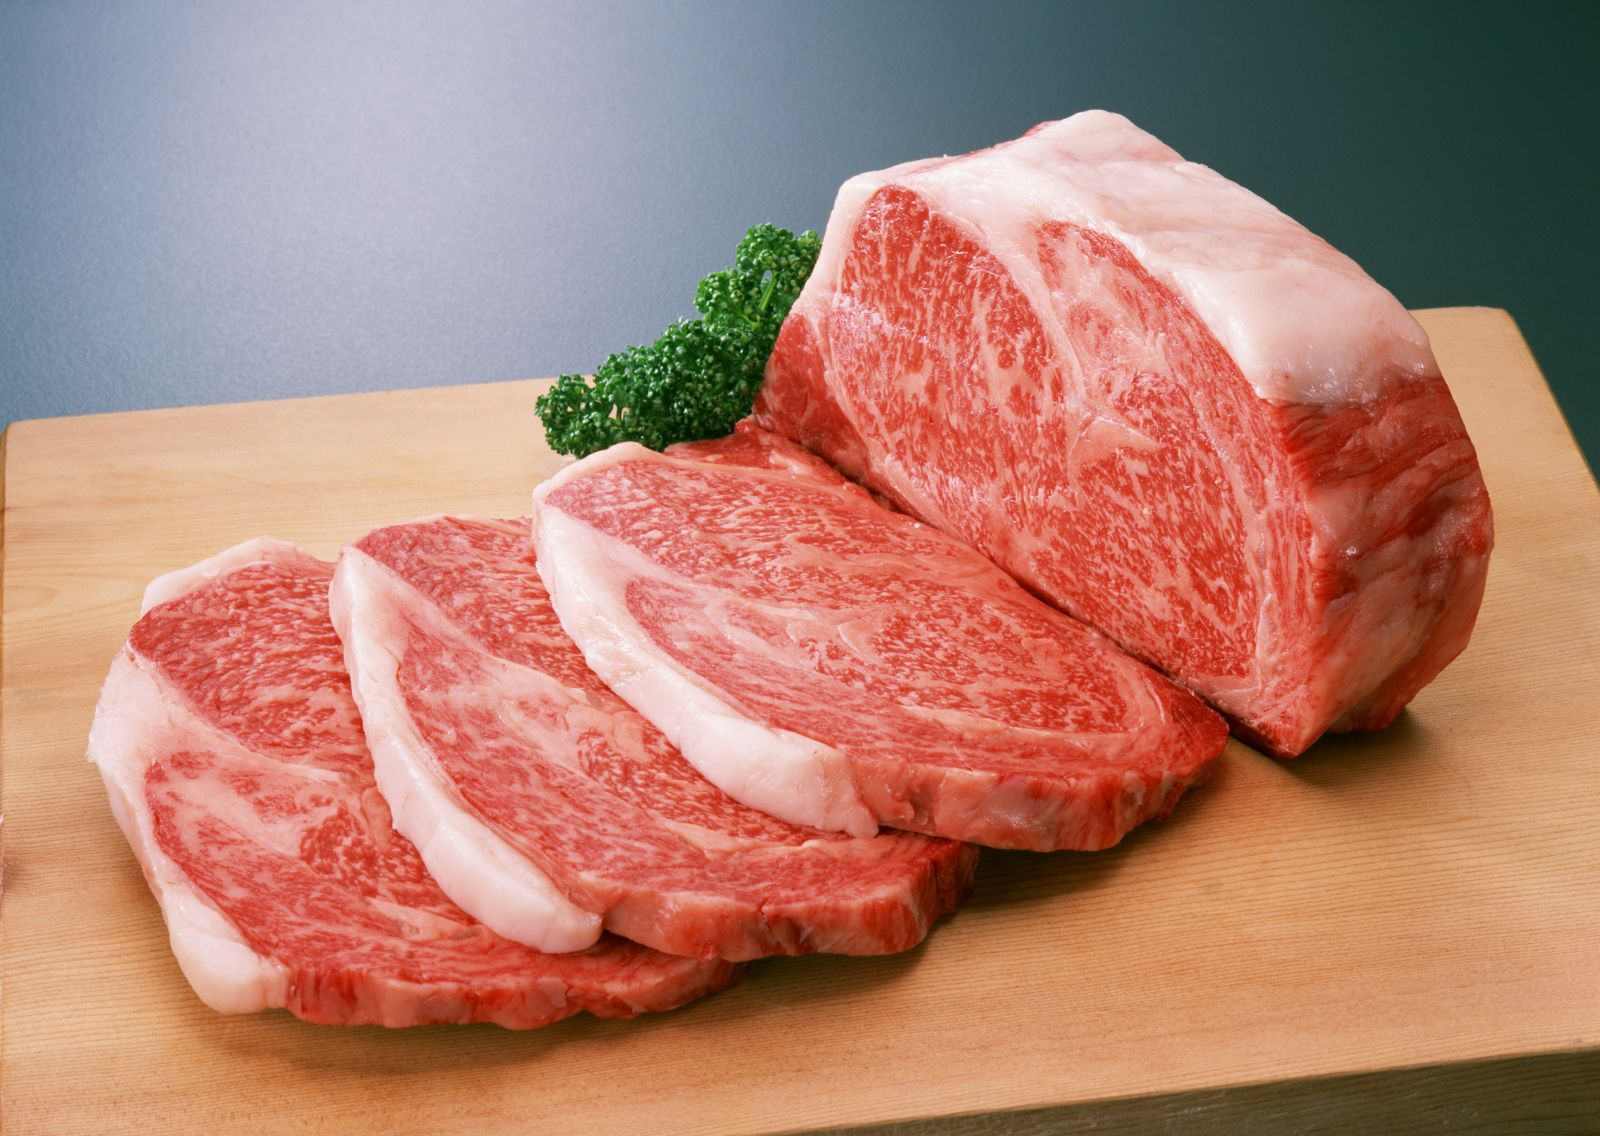 牛肉アレルギーの危険性!気になる症状や検査方法をみてみようのサムネイル画像